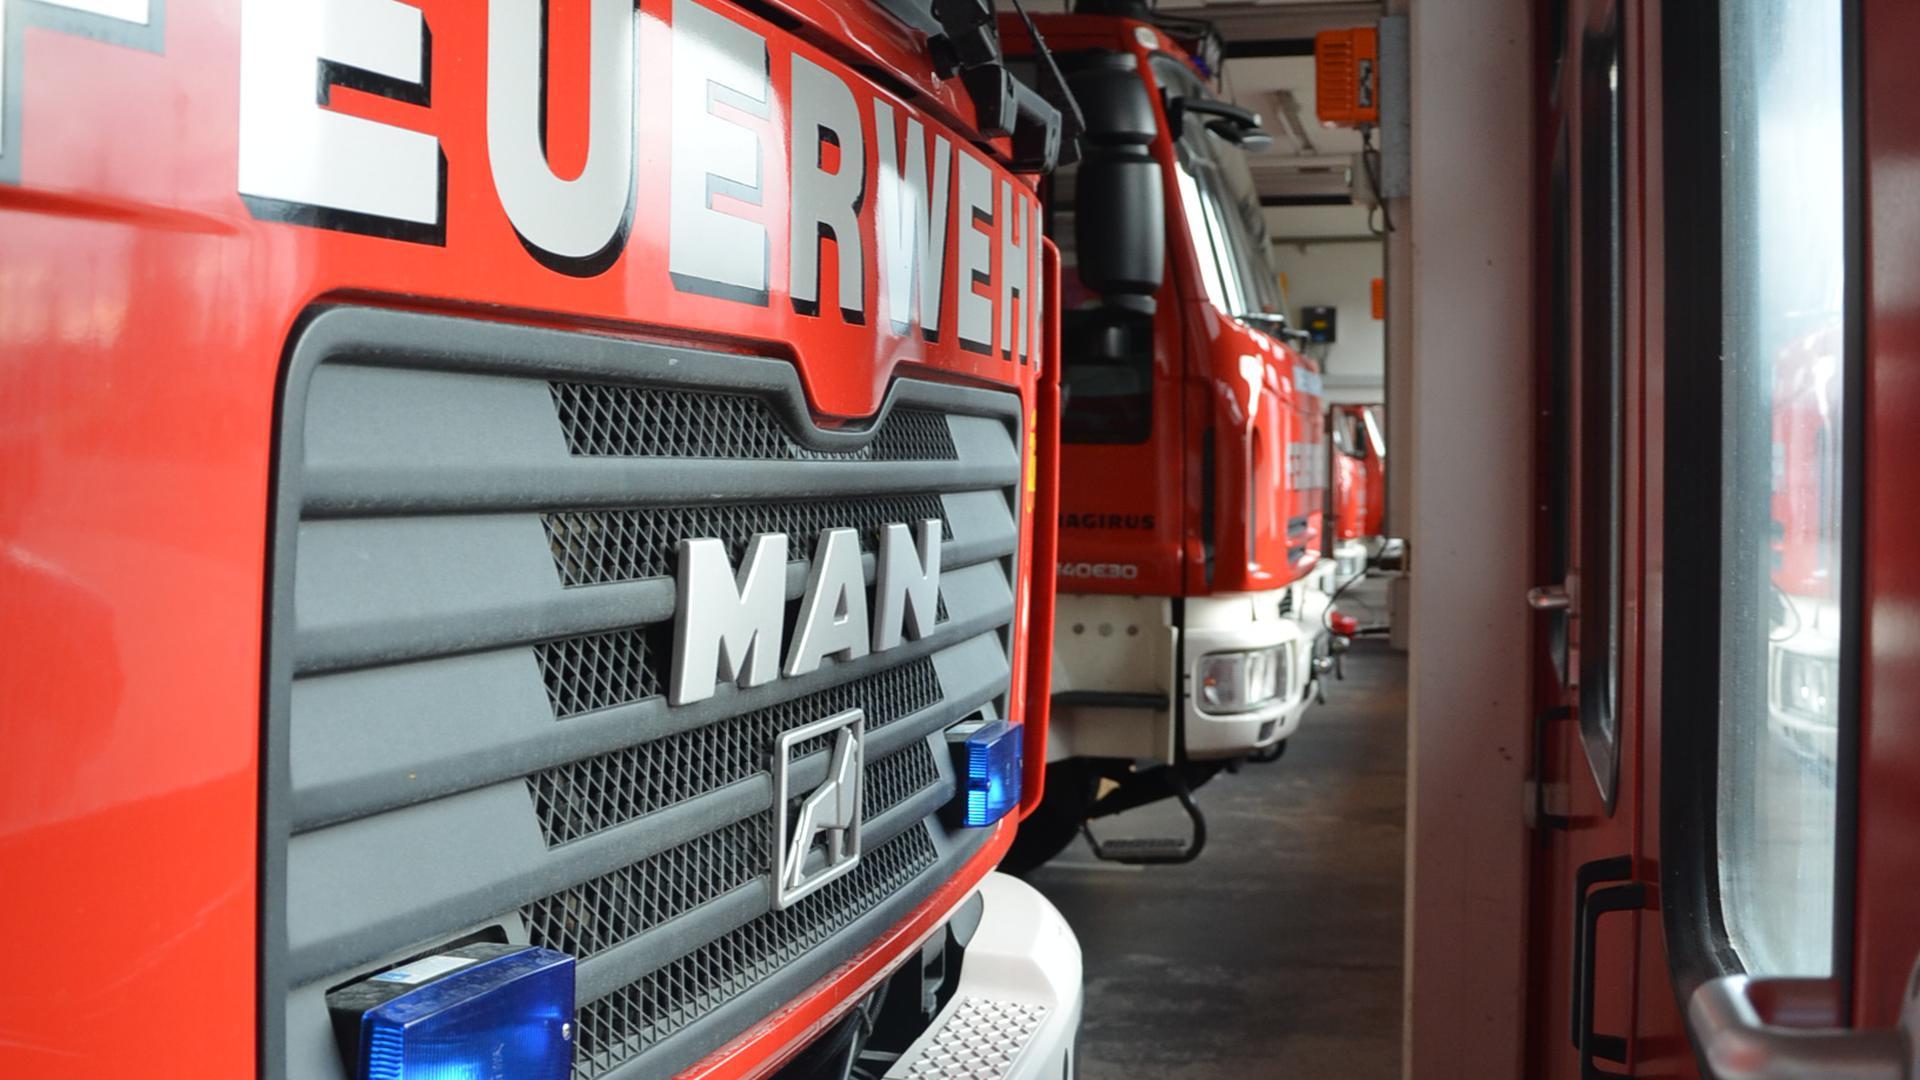 Rheinaus Feuerwehr hat mit der Stadtentwicklung nicht Schritt gehalten. Ein Gutachter sieht Handlungsbedarf.